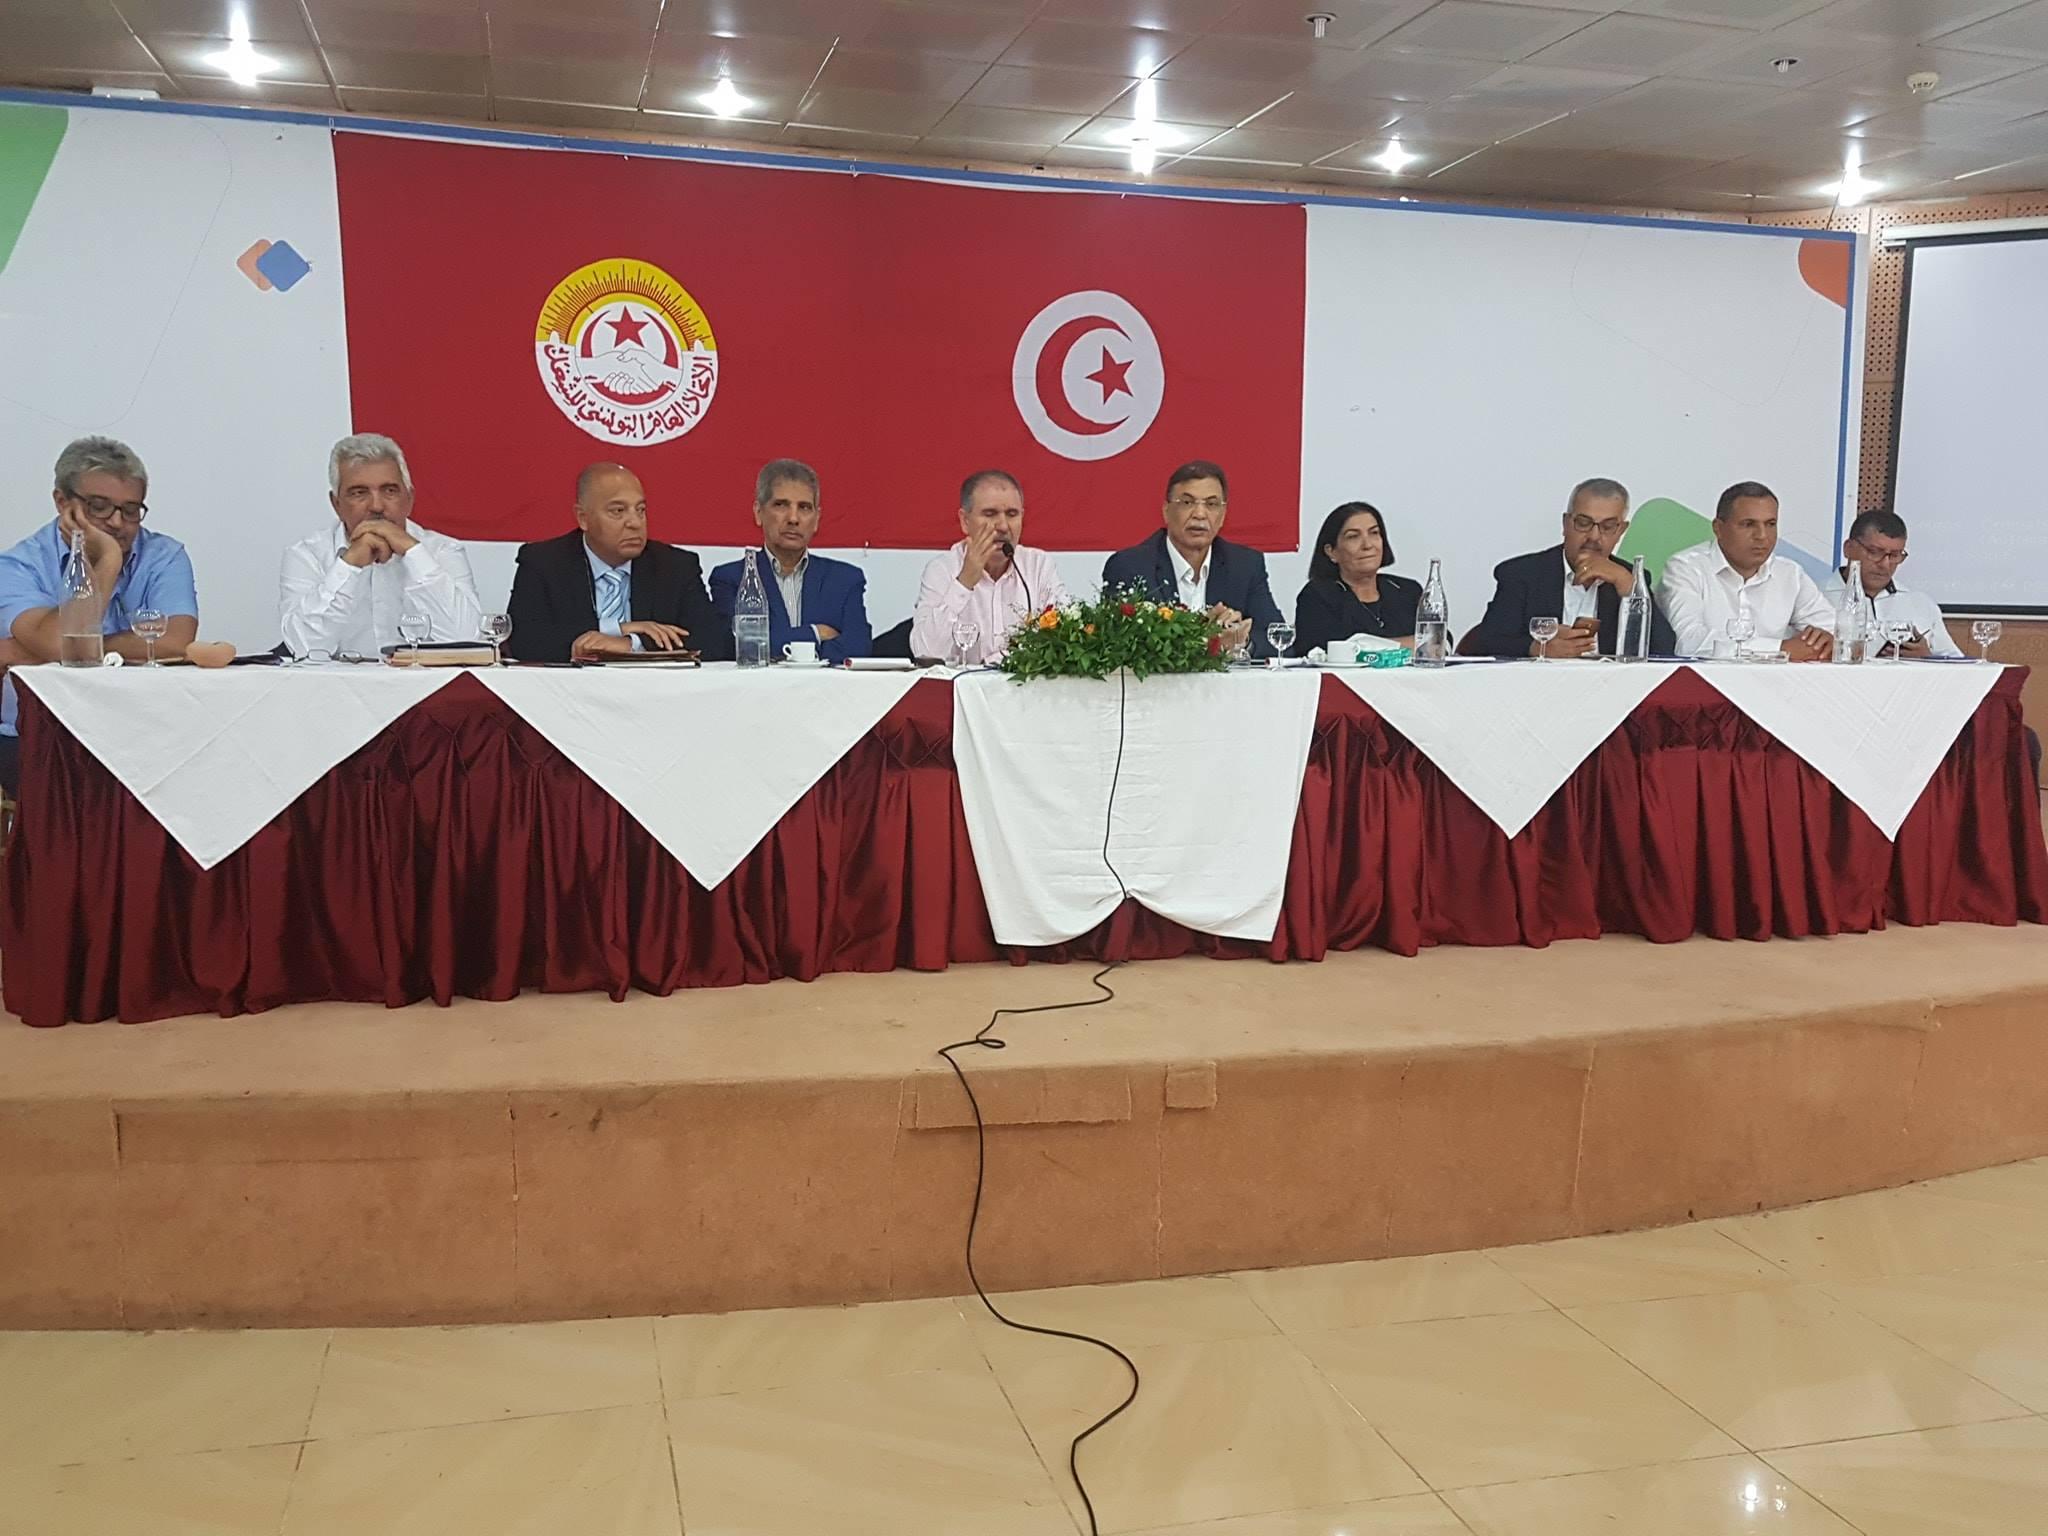 اتحاد الشغل: الهيئة الإدارية تتمسّك برحيل الشاهد وتنتقد النّهضة